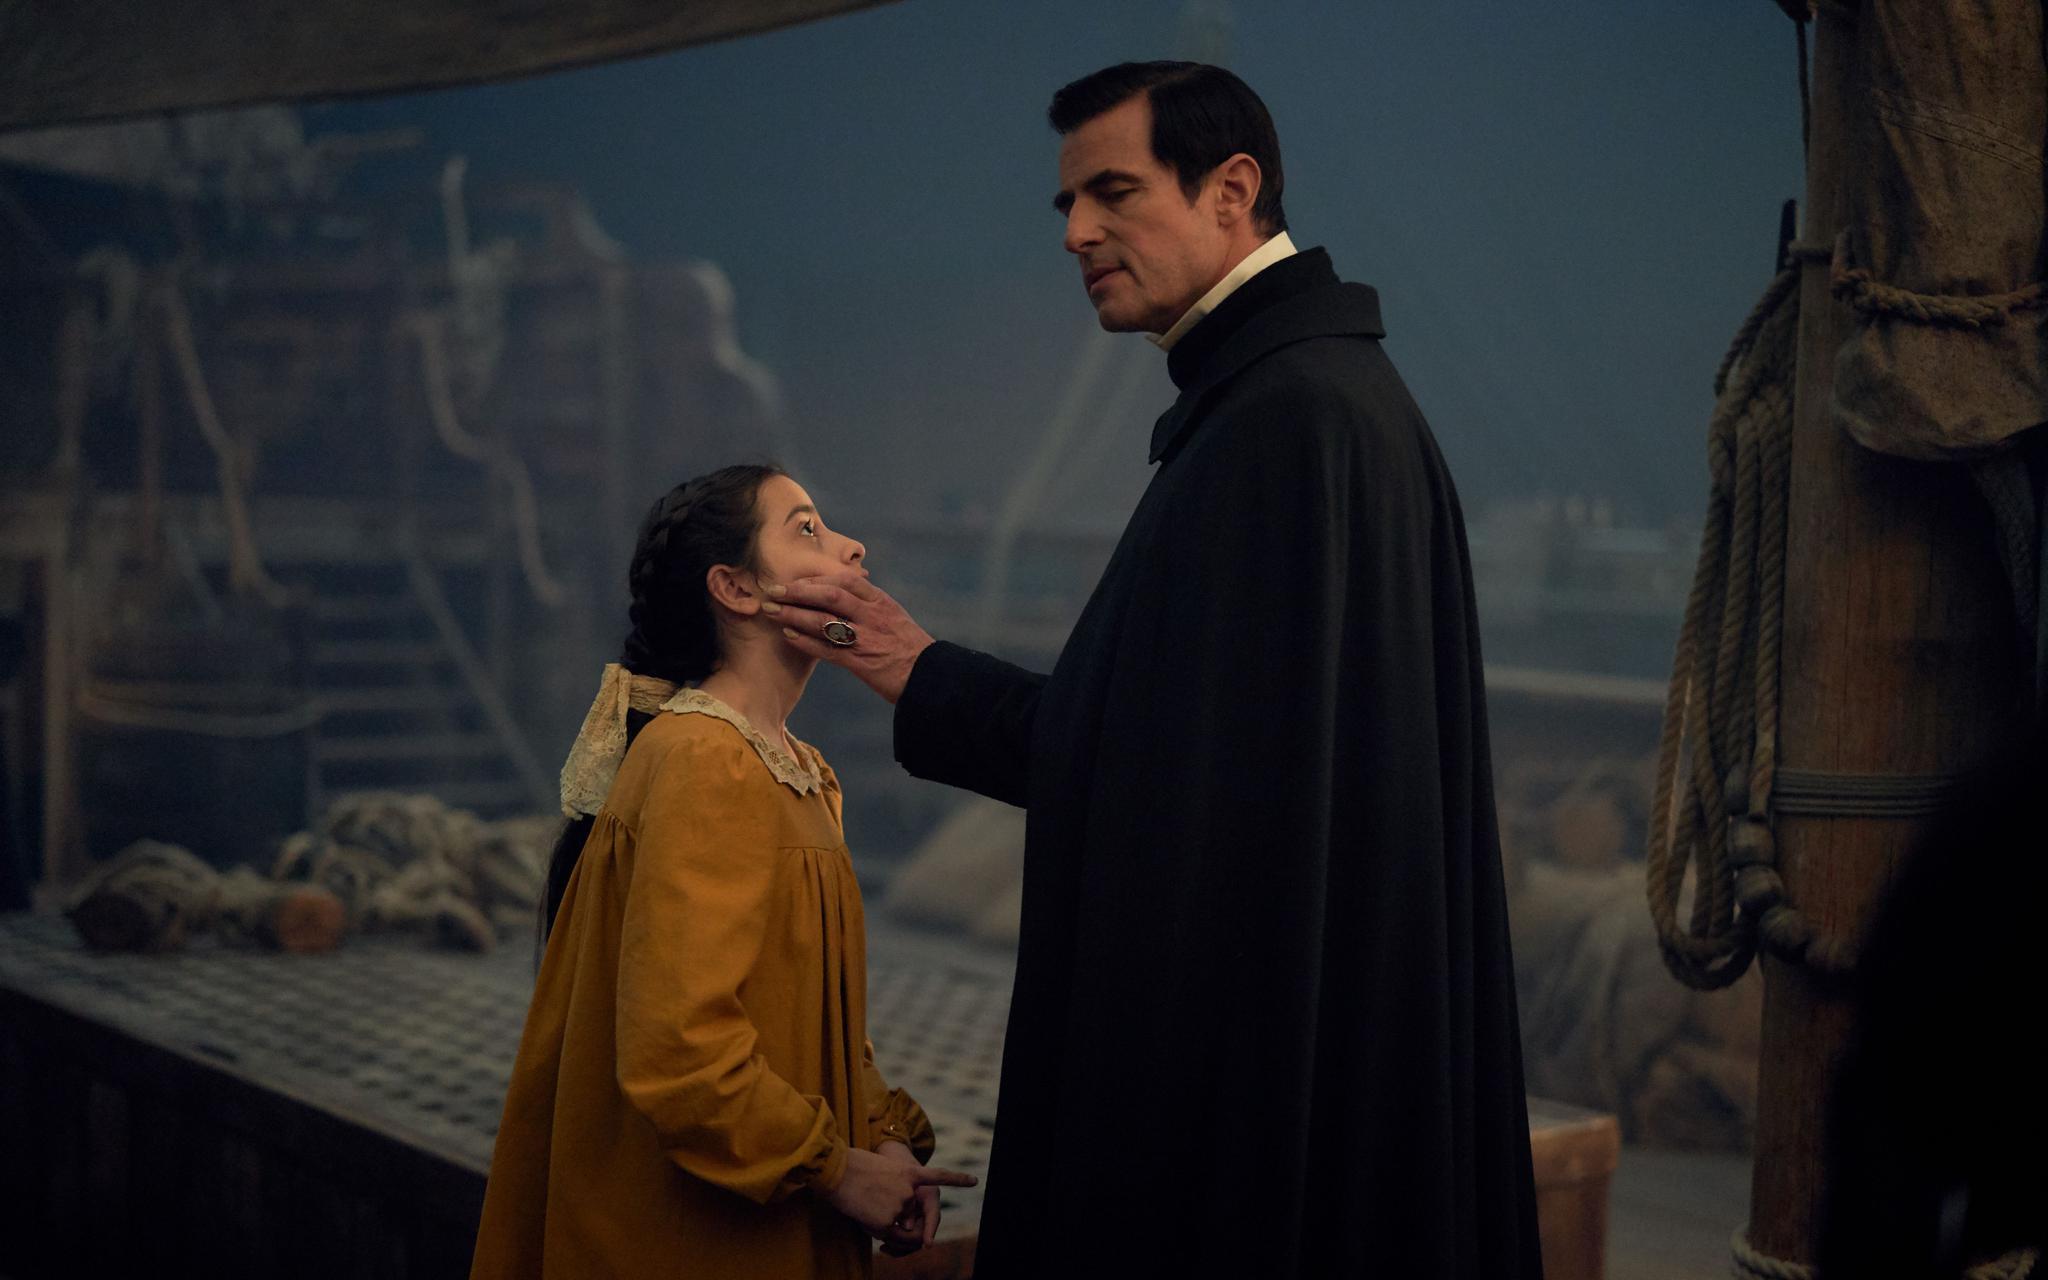 《神探夏洛克》团队的《德古拉》是最符合原著的版本图片